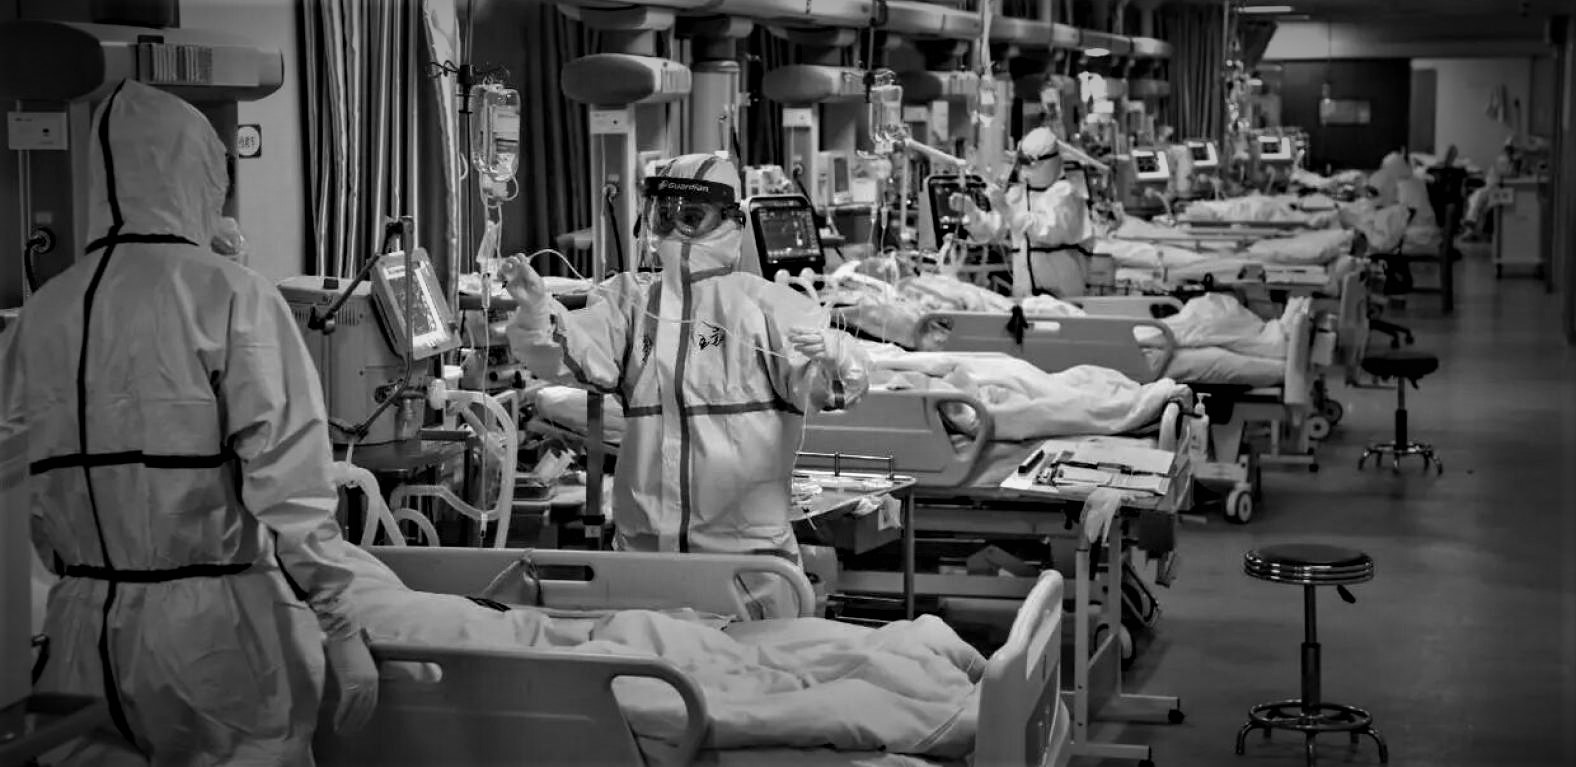 """""""Cartel COVID-19"""" na Colômbia: ¿existe uma máfia entre clínicas privadas e o regime de Duque?"""